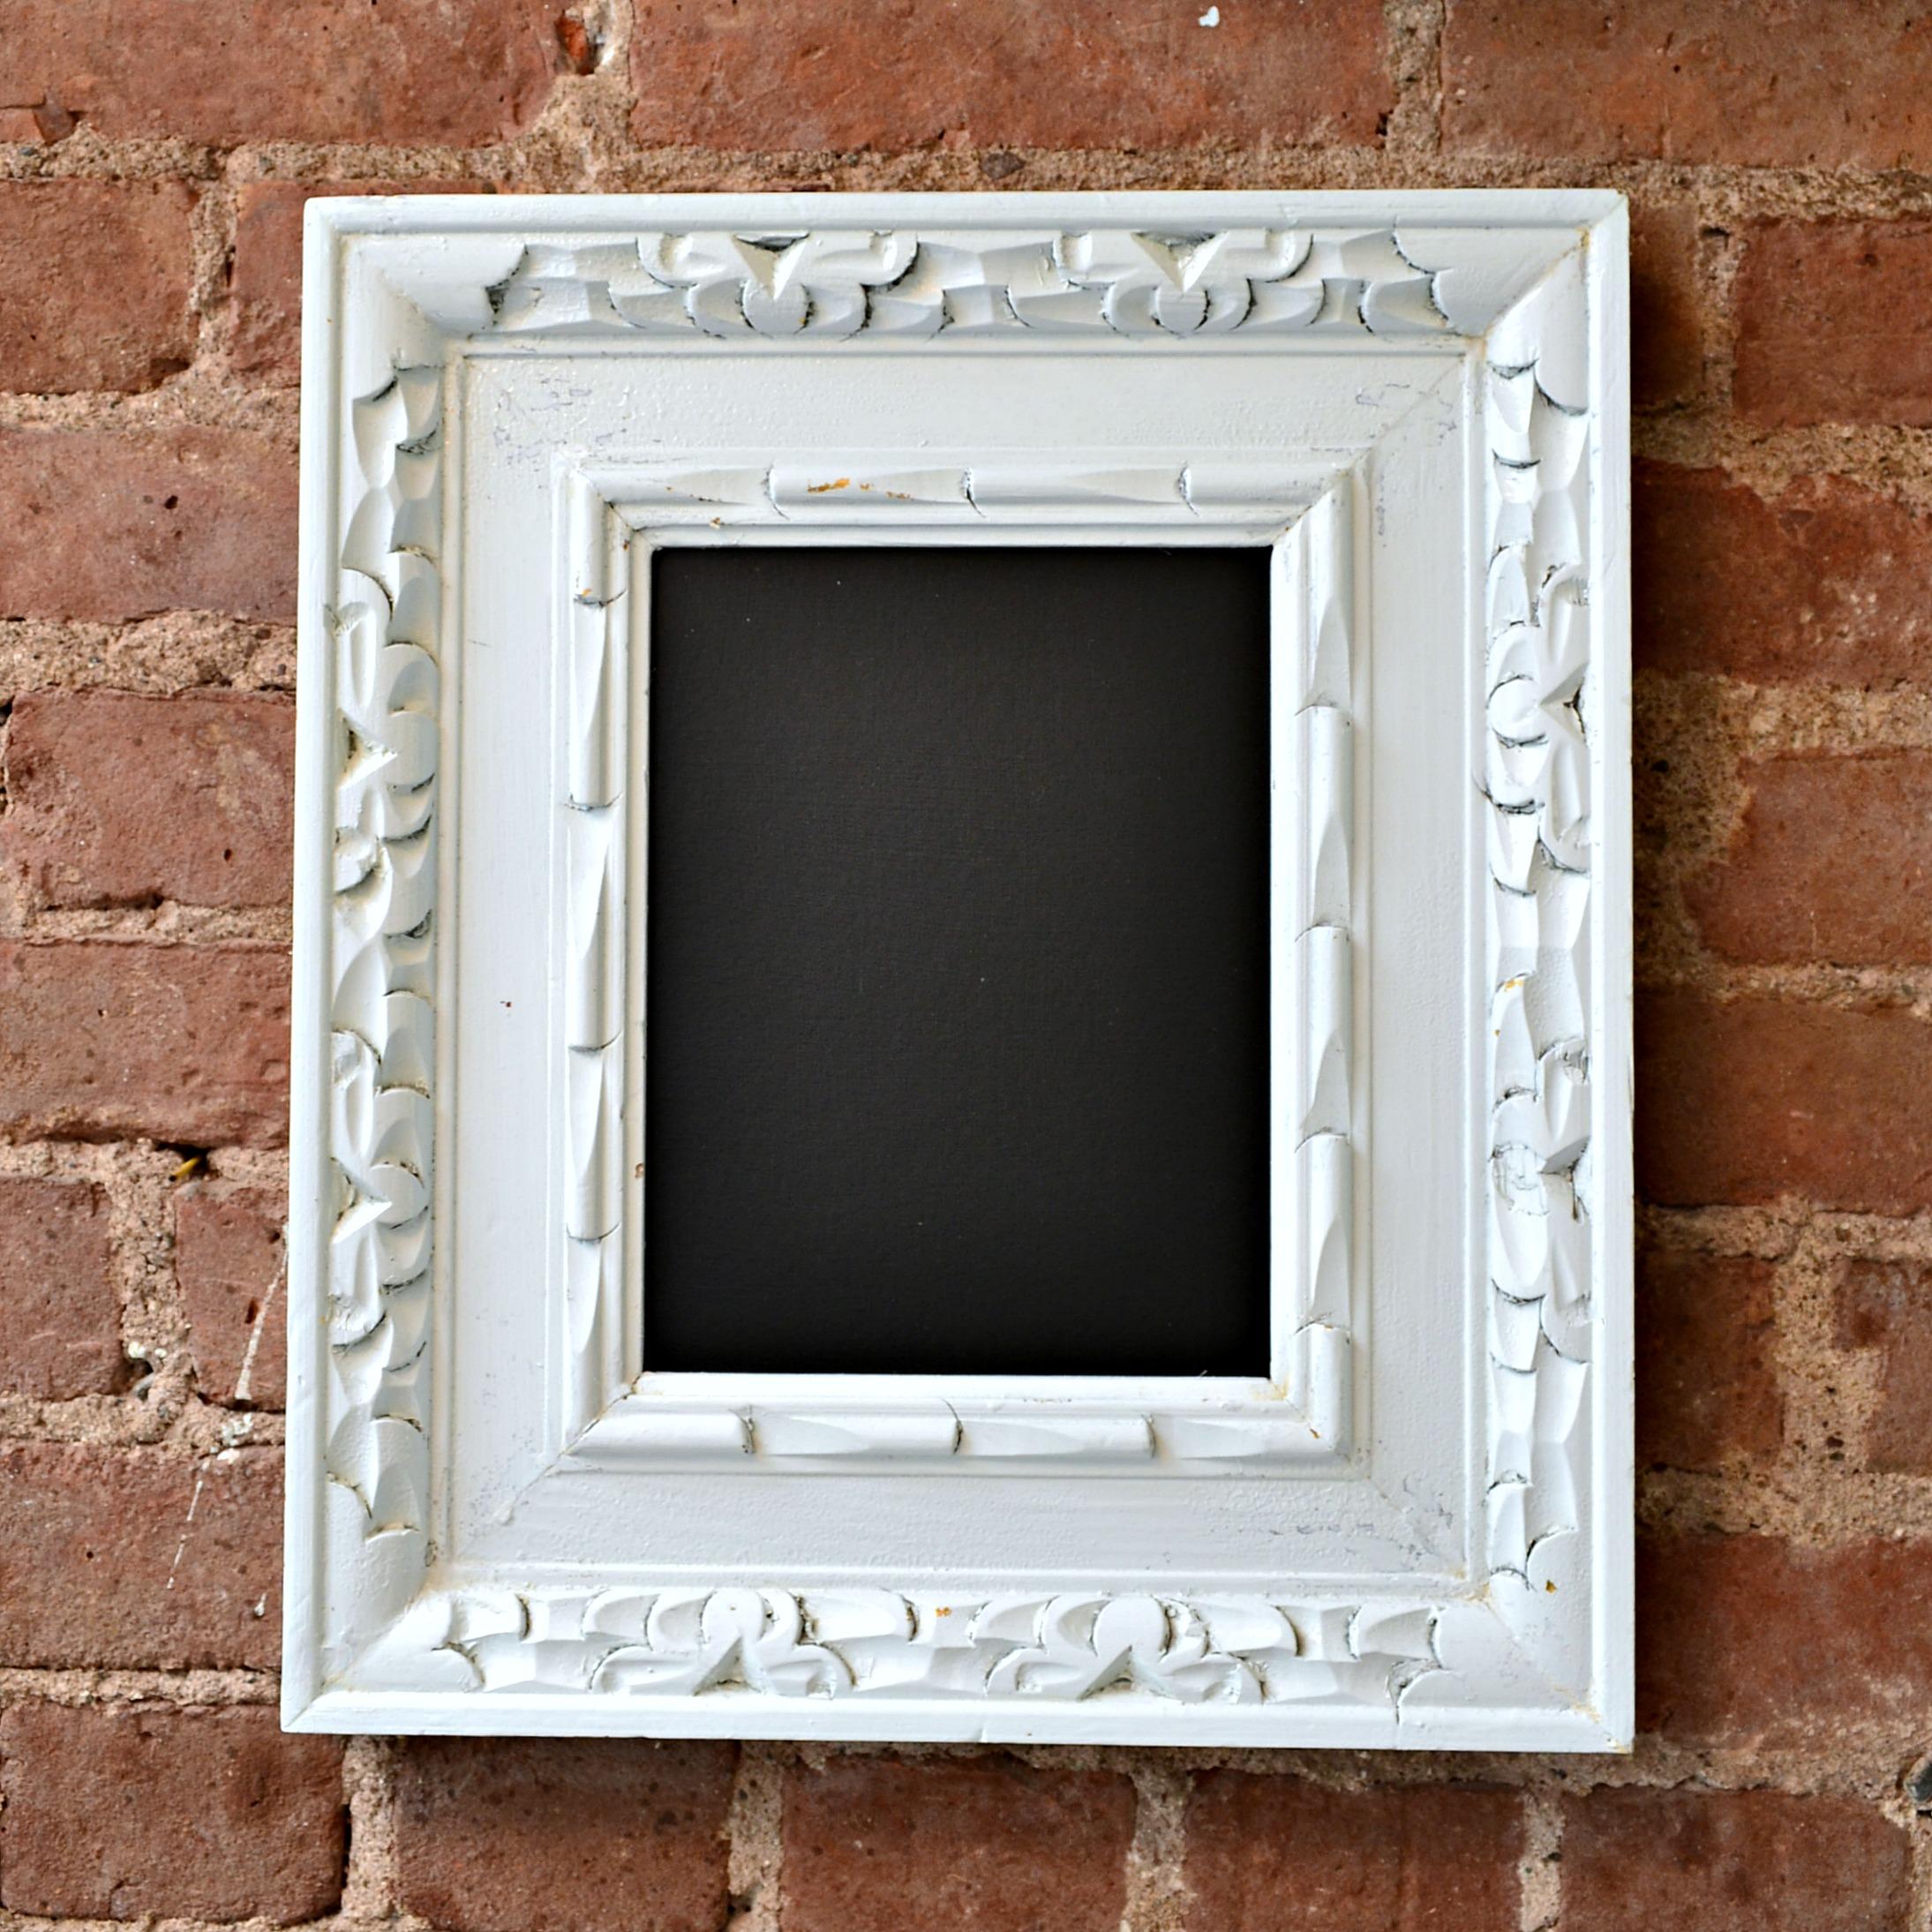 easy diy chalkboard - Diy Chalkboard Frame